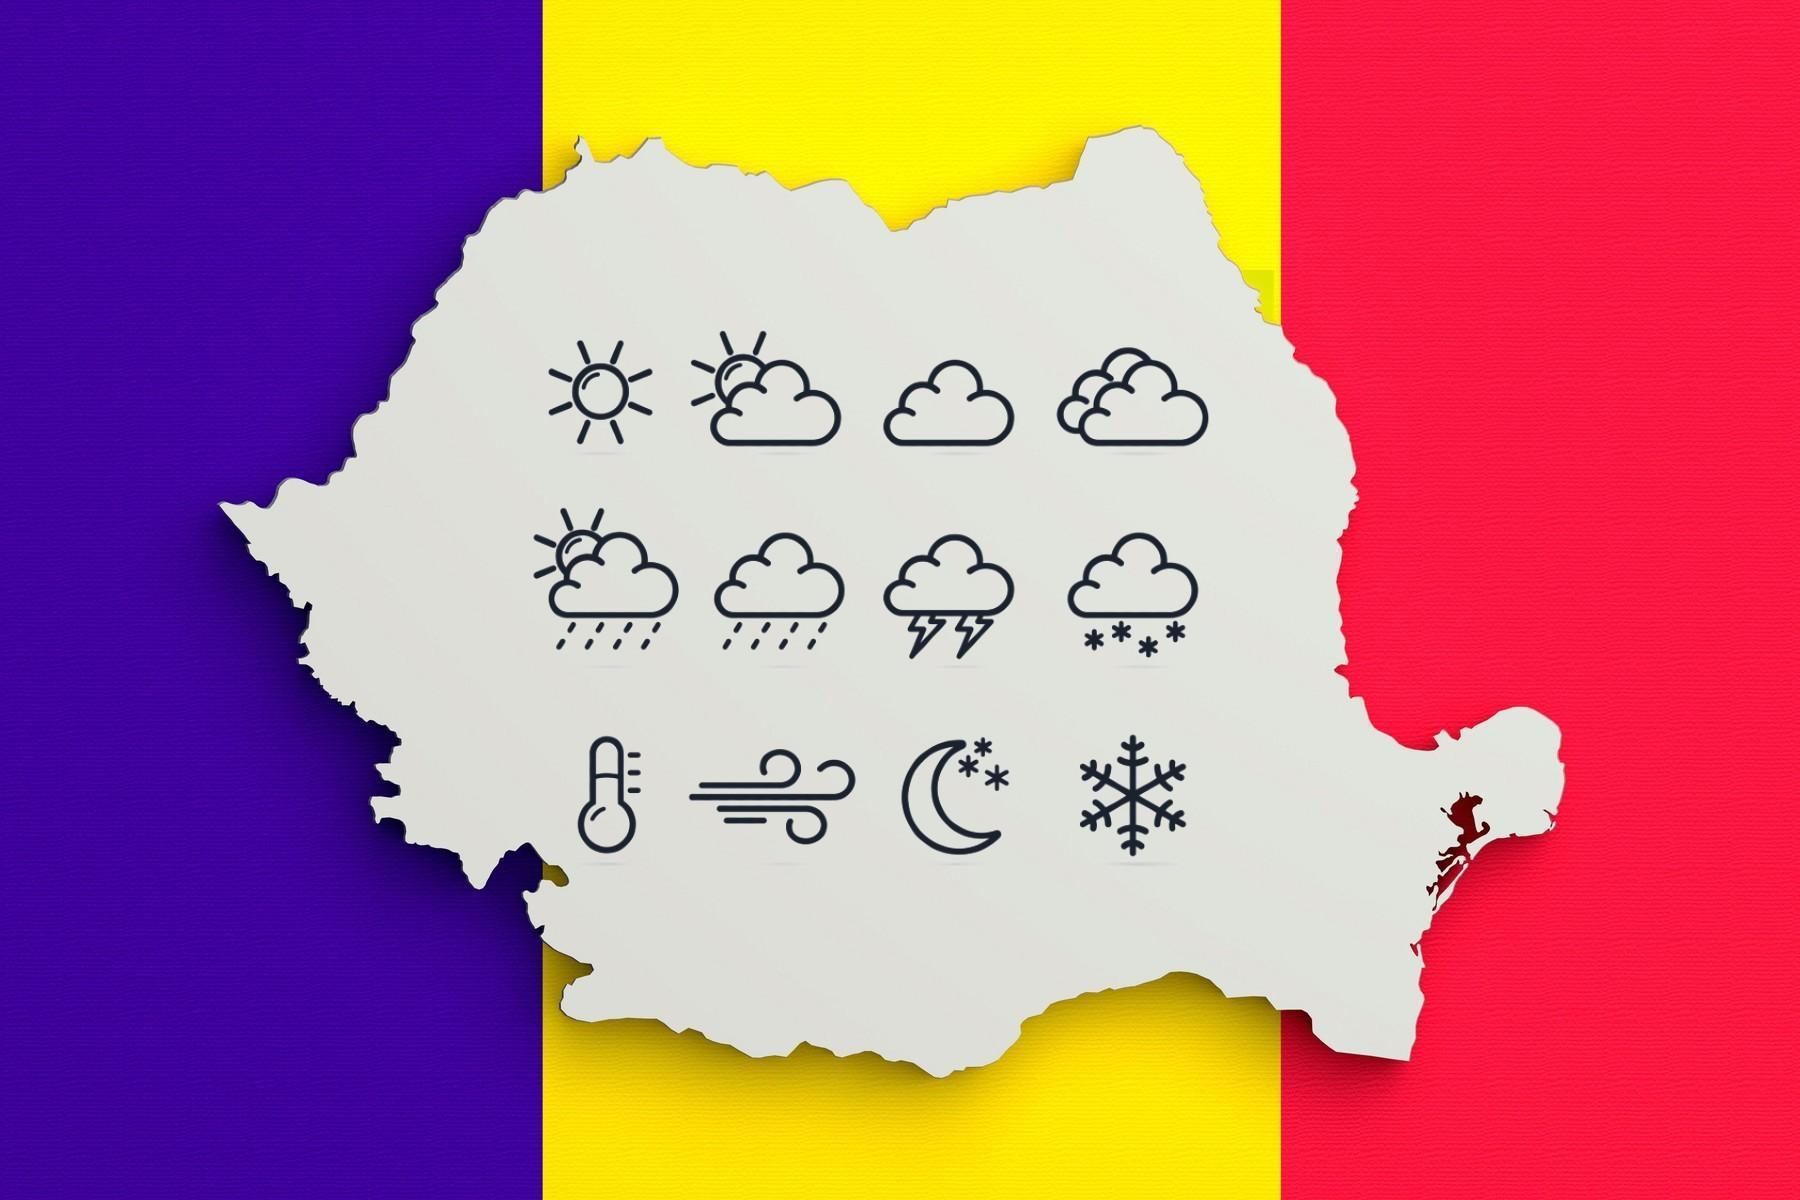 Prognoză meteo 12 noiembrie 2020. Cum e vremea în România și care sunt previziunile ANM pentru astăzi